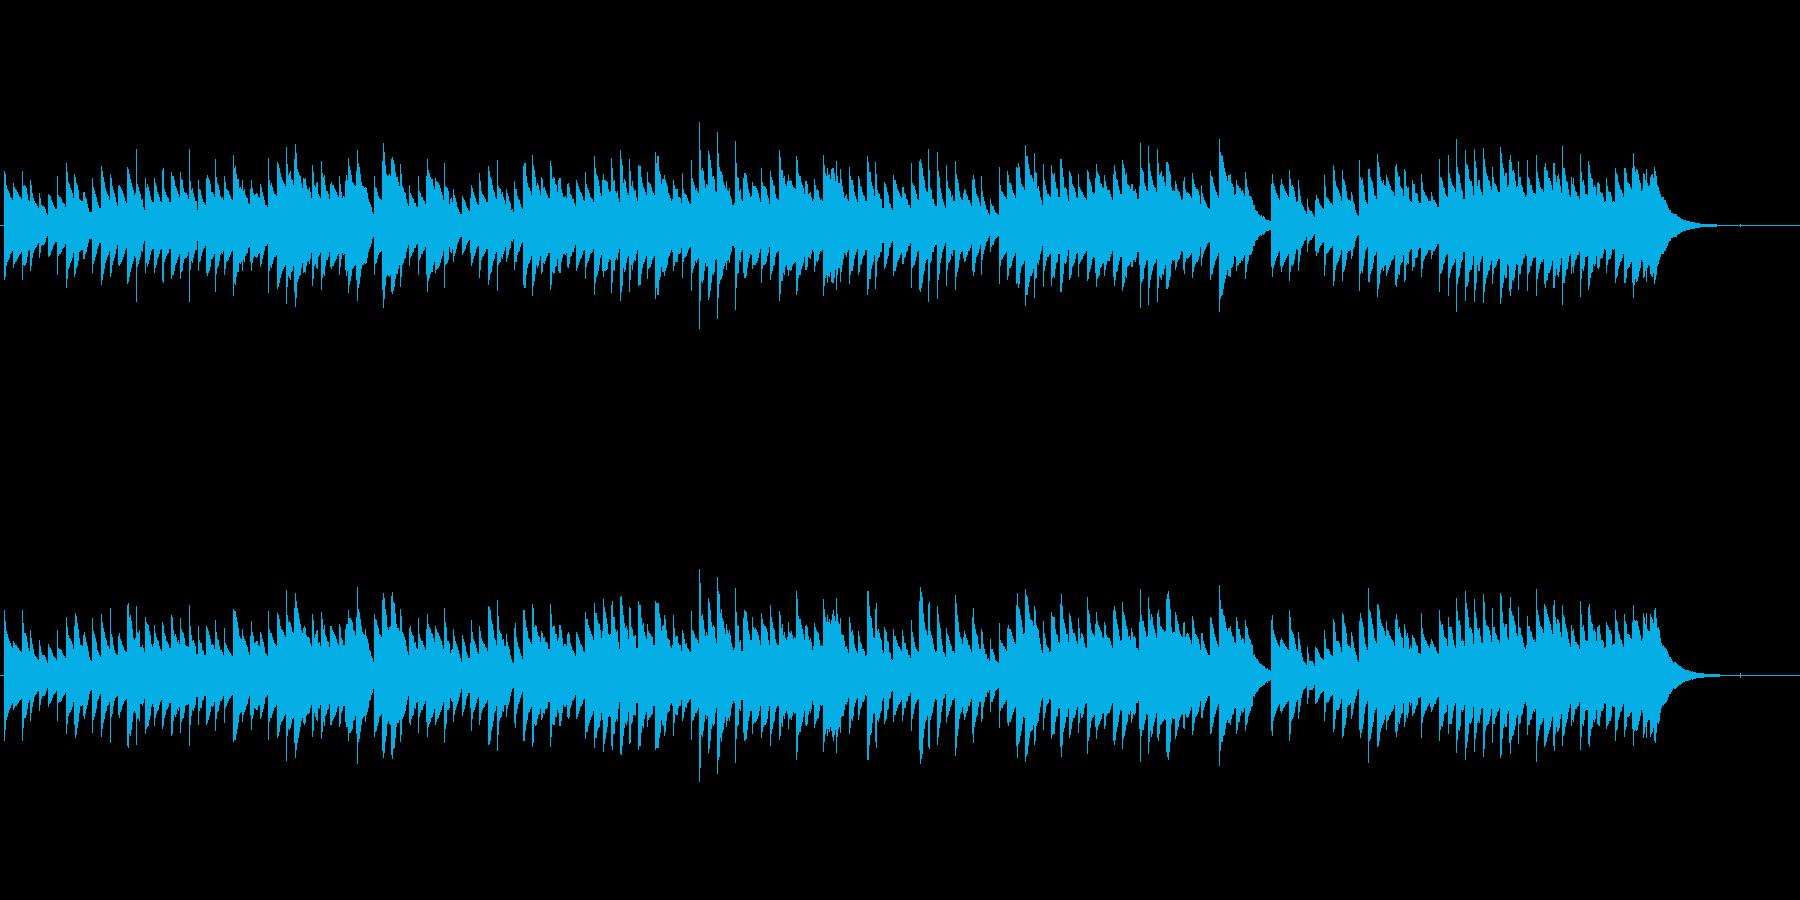 「小さな木の実」オルゴールverの再生済みの波形